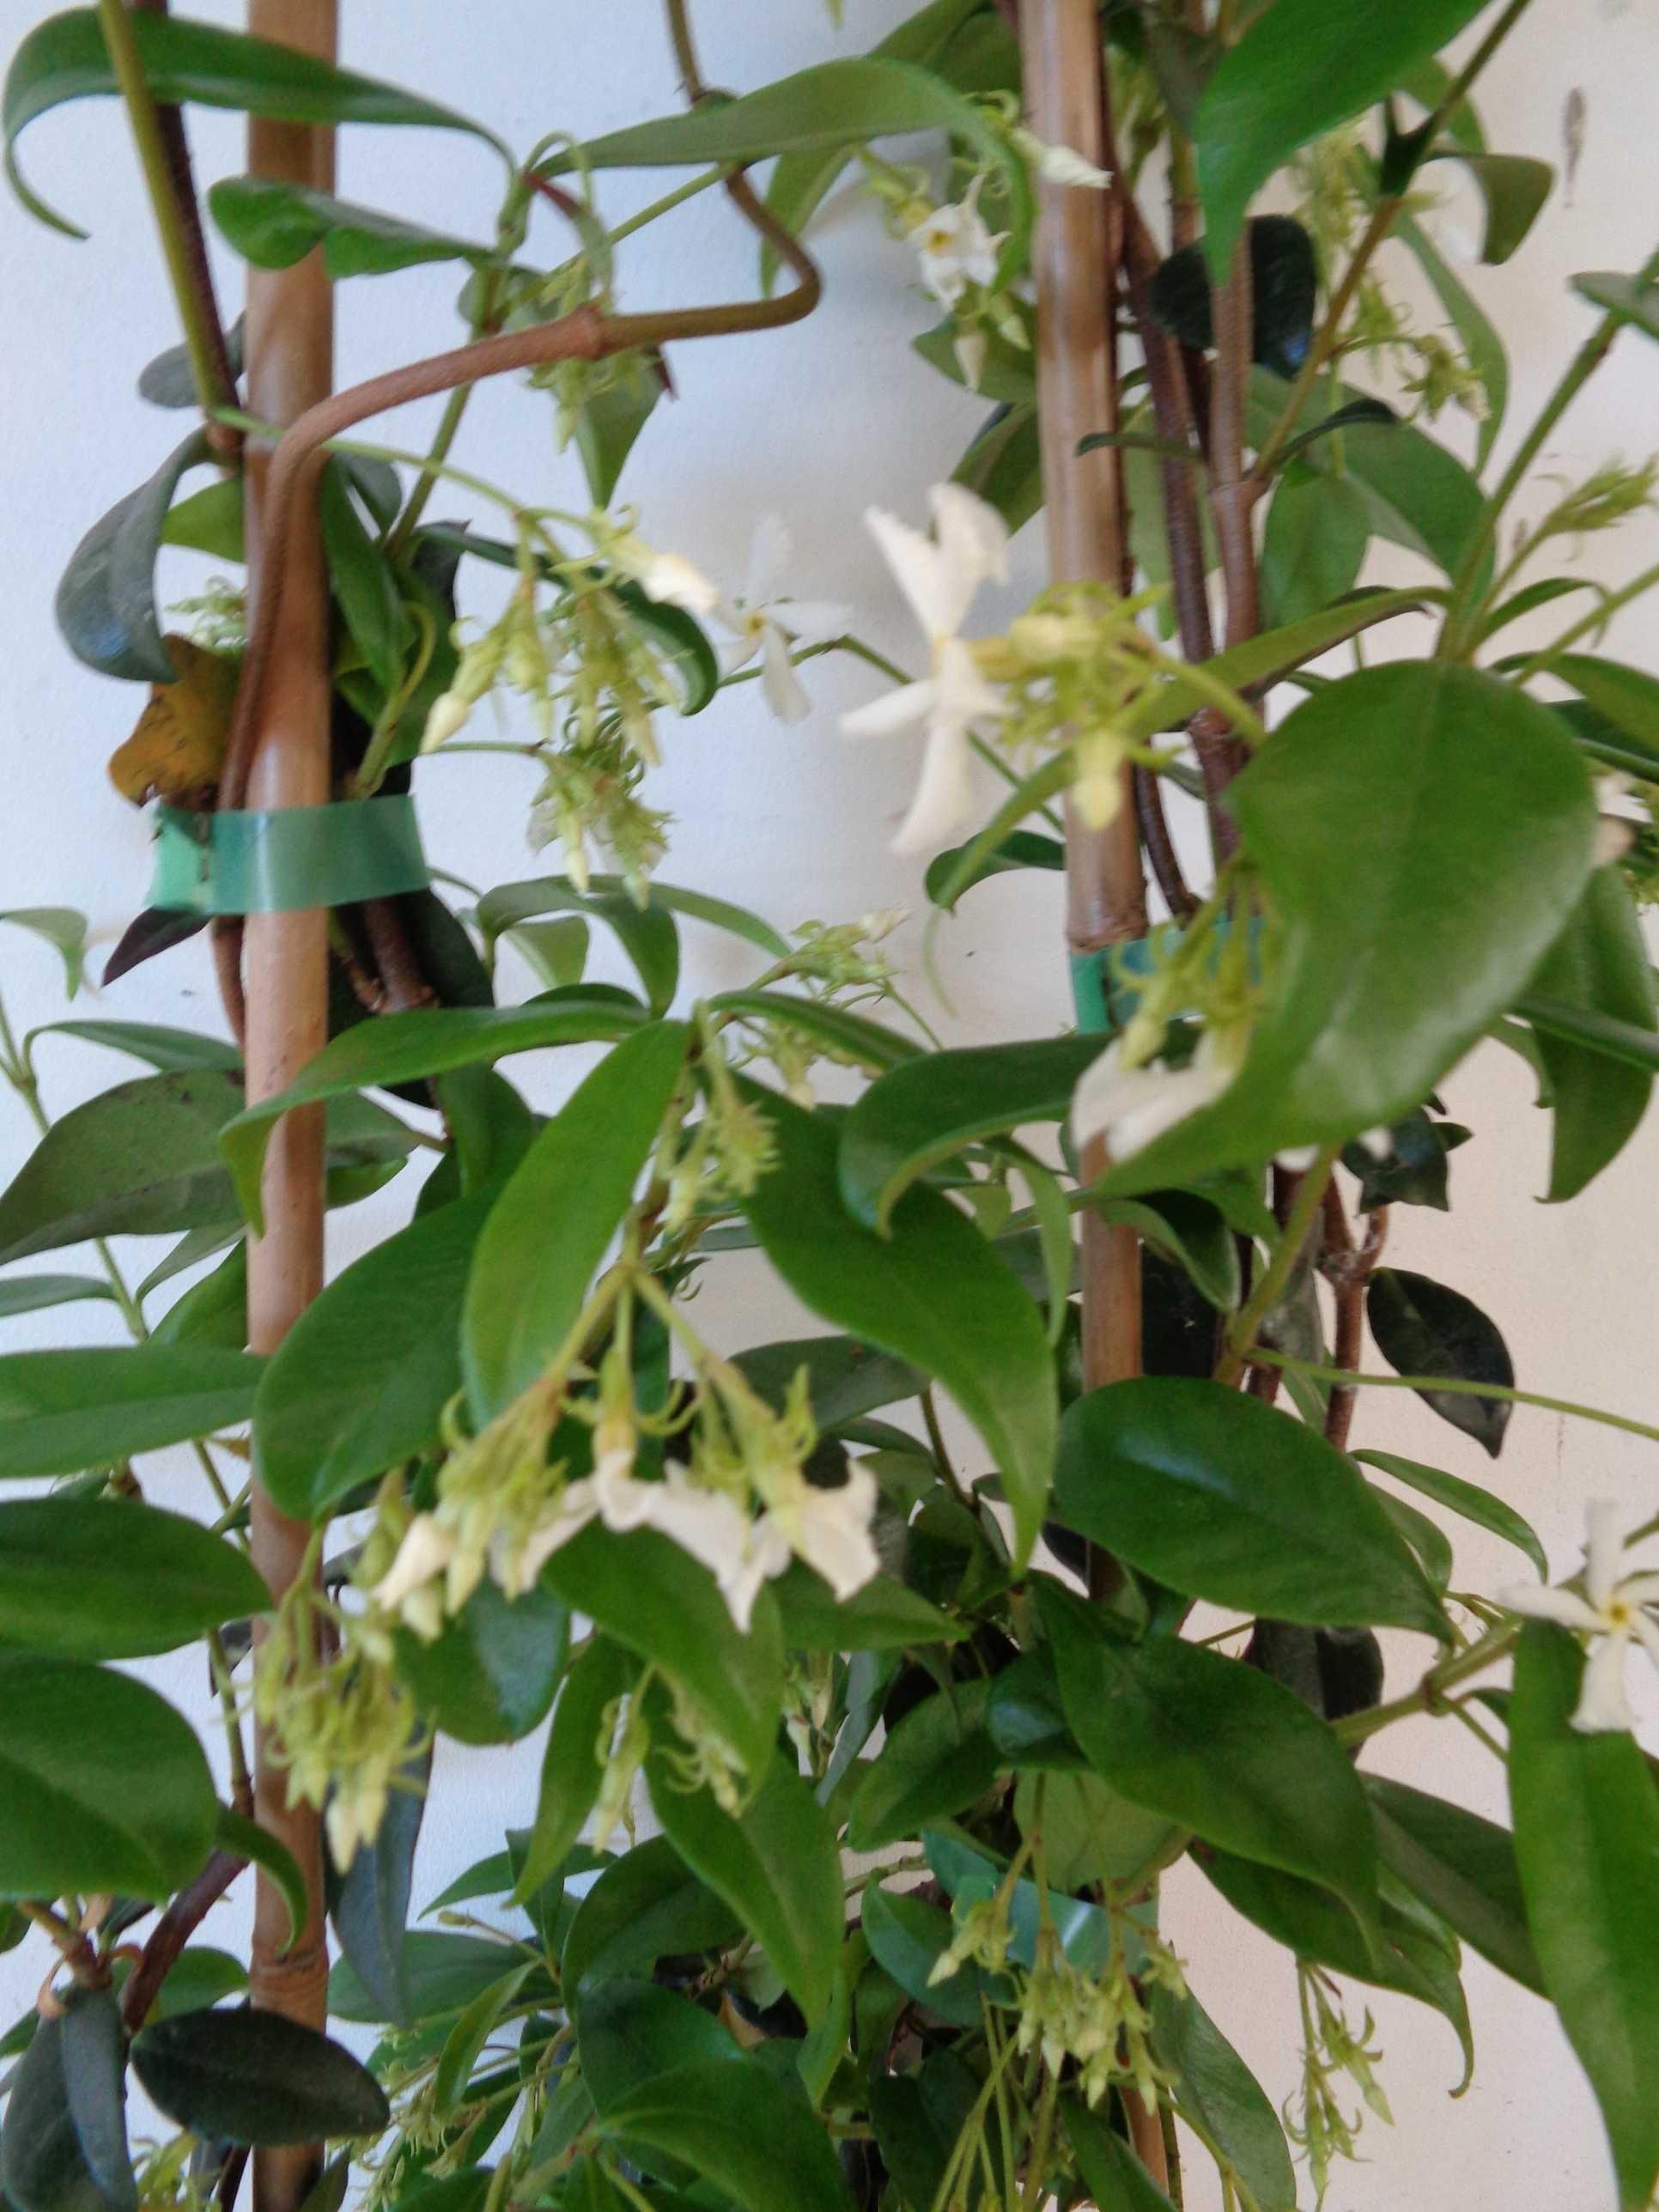 Trachelospermum jasminoides 2L Alto Tutor 75